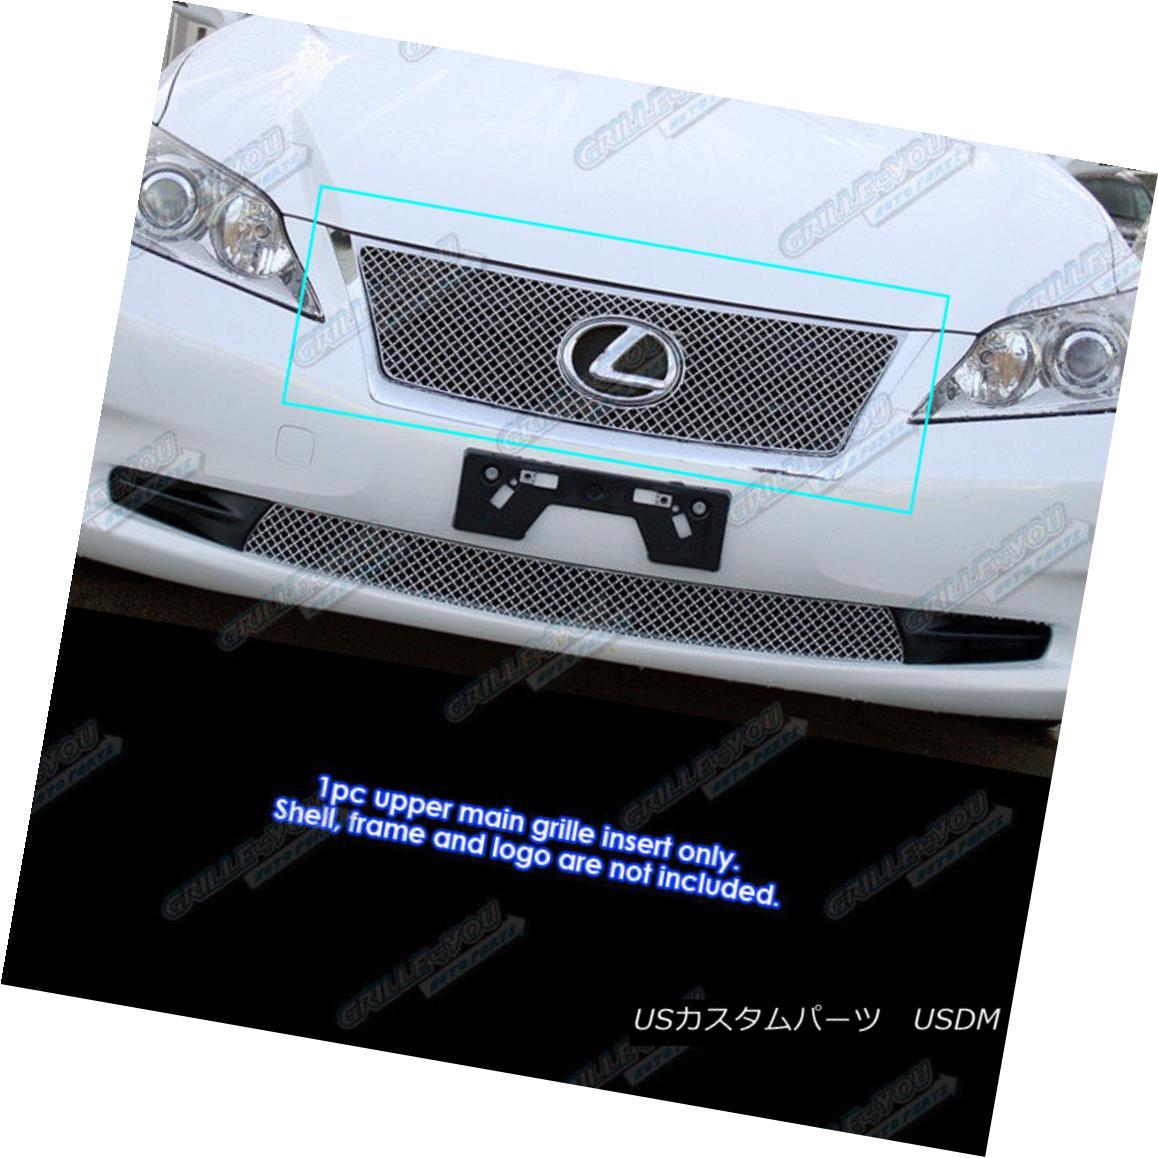 グリル Fits 2010-2012 Lexus E350 Stainless Steel X Mesh Grille Insert フィット2010-2012レクサスE350ステンレス鋼Xメッシュグリルインサート